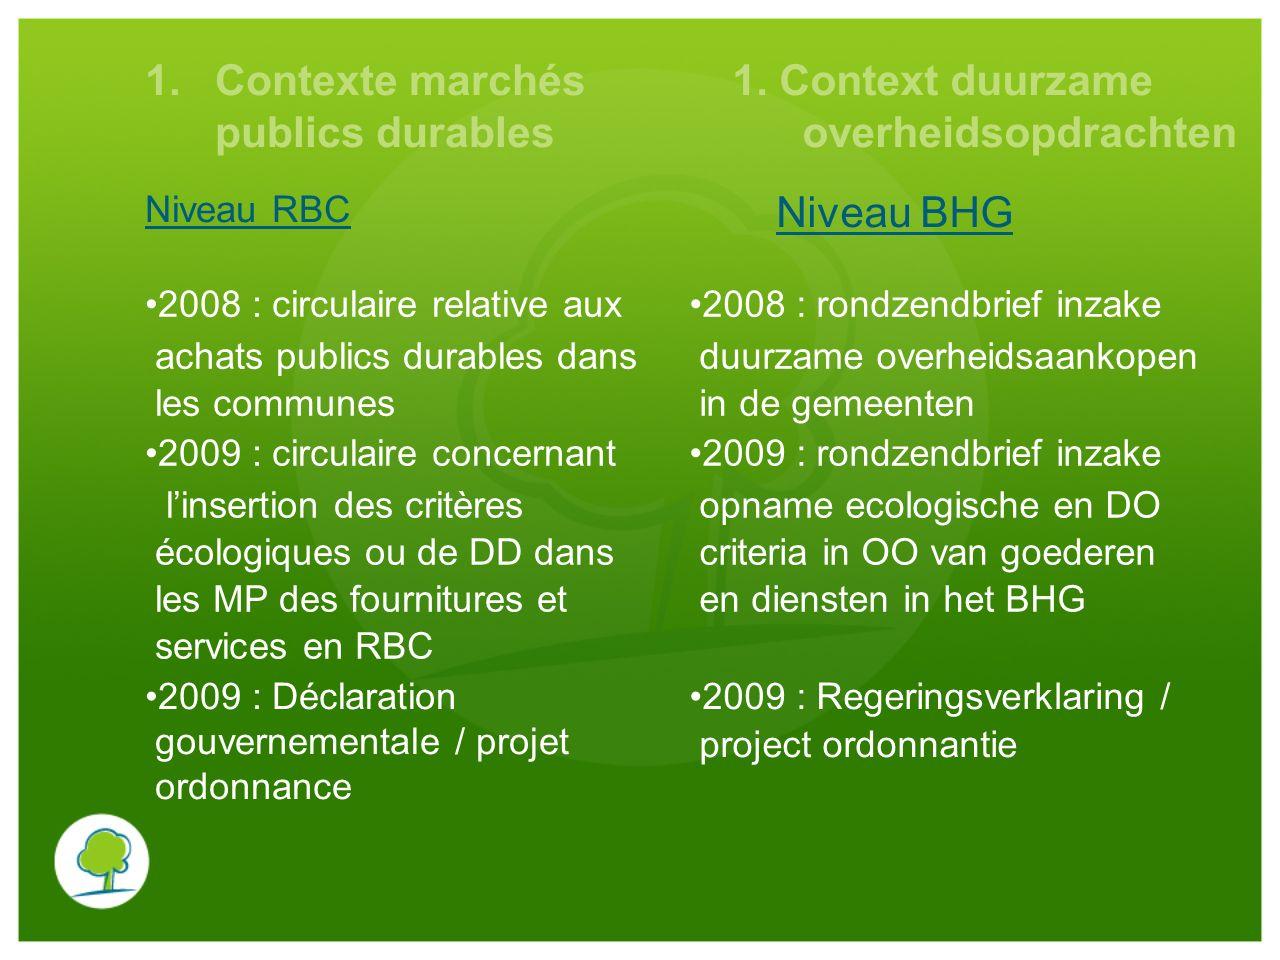 1.Contexte marchés publics durables Niveau RBC 1. Context duurzame overheidsopdrachten Niveau BHG 2008 : circulaire relative aux achats publics durabl